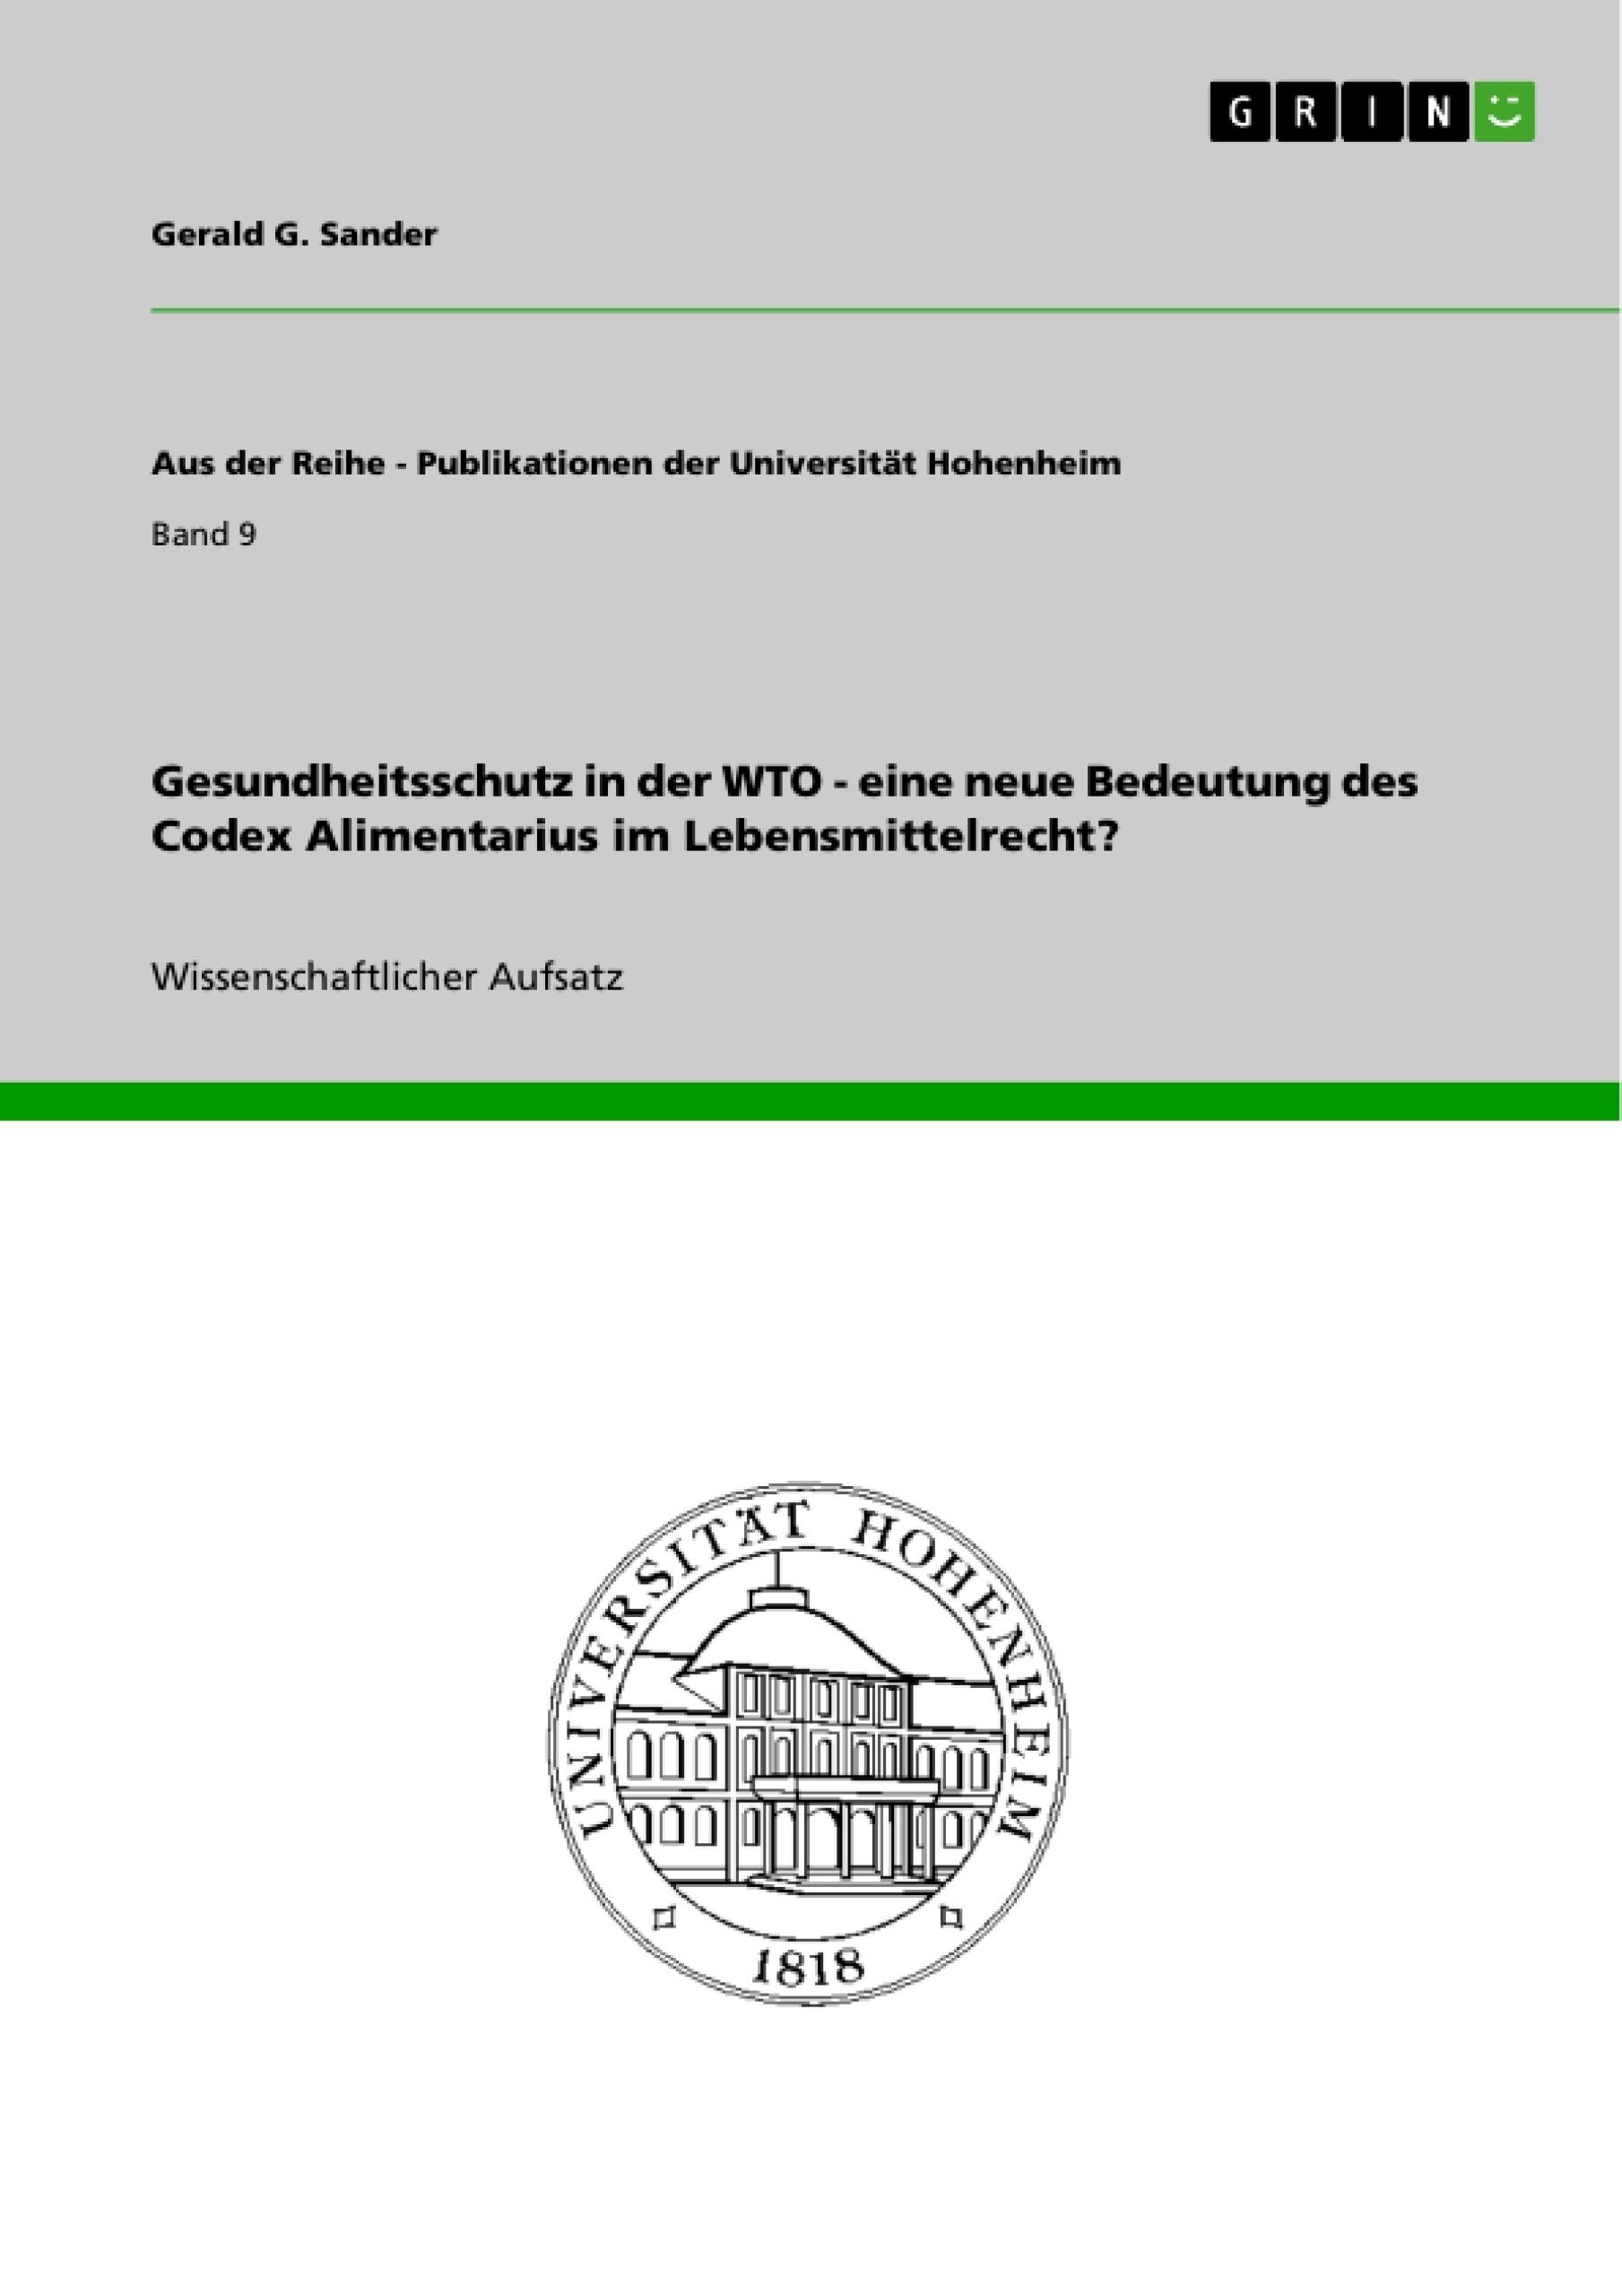 Titel: Gesundheitsschutz in der WTO - eine neue Bedeutung des Codex Alimentarius im Lebensmittelrecht?